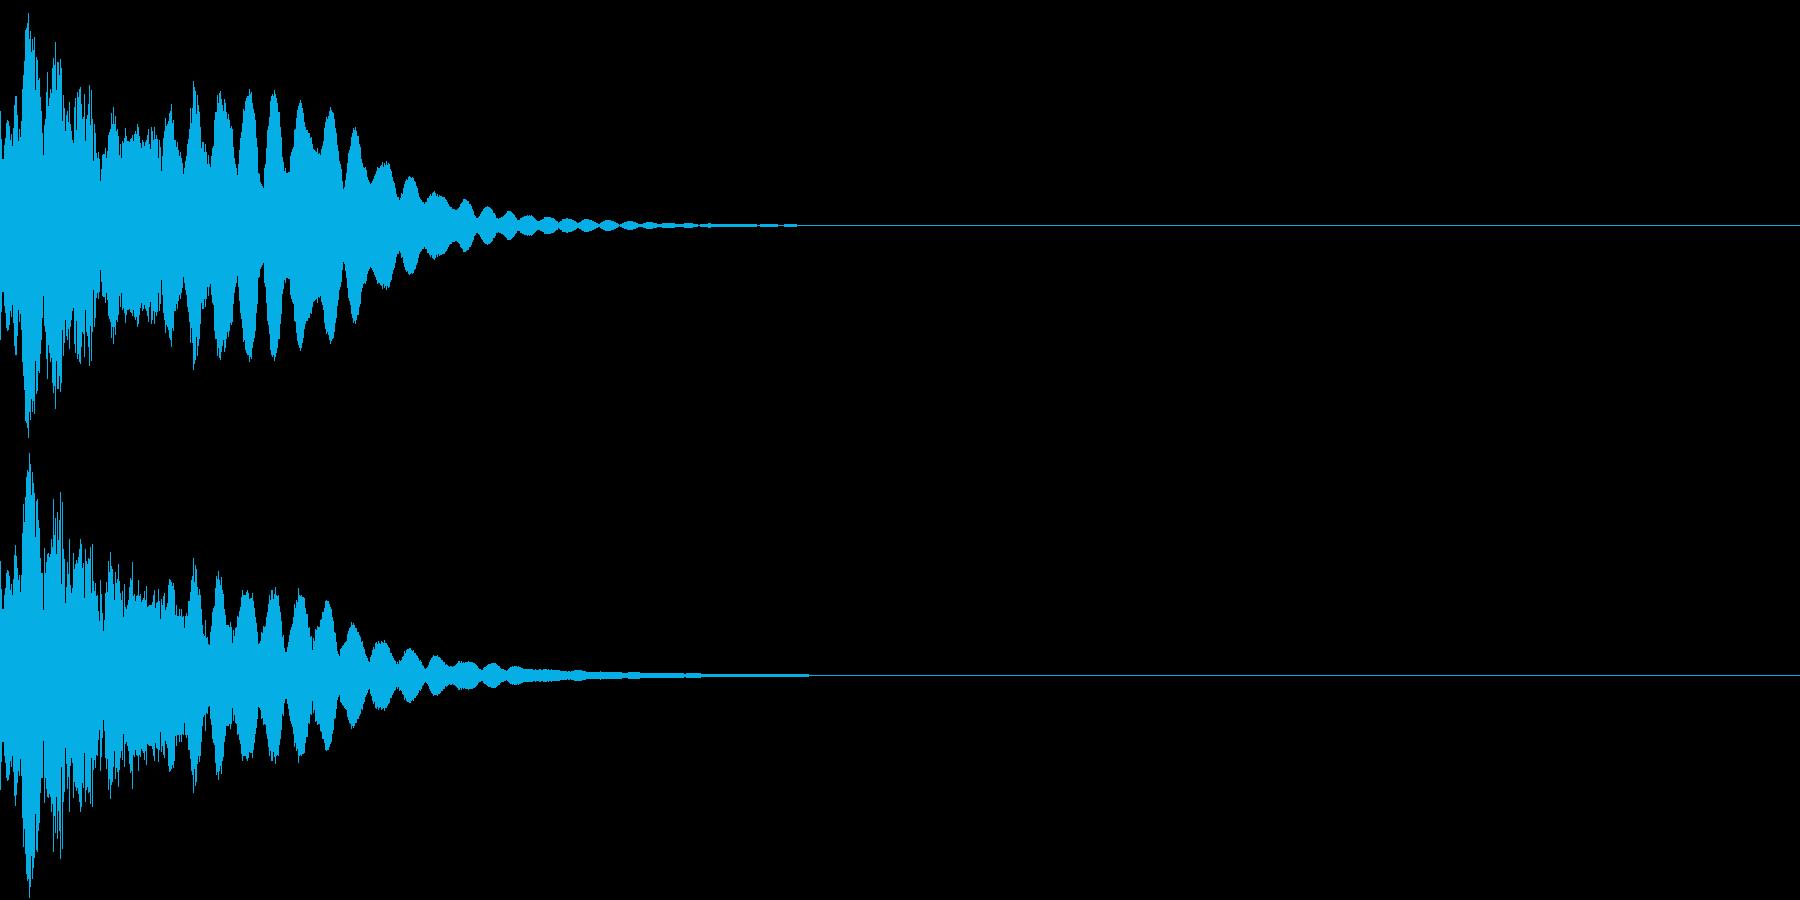 キュイン ボタン ピキーン キーン 26の再生済みの波形